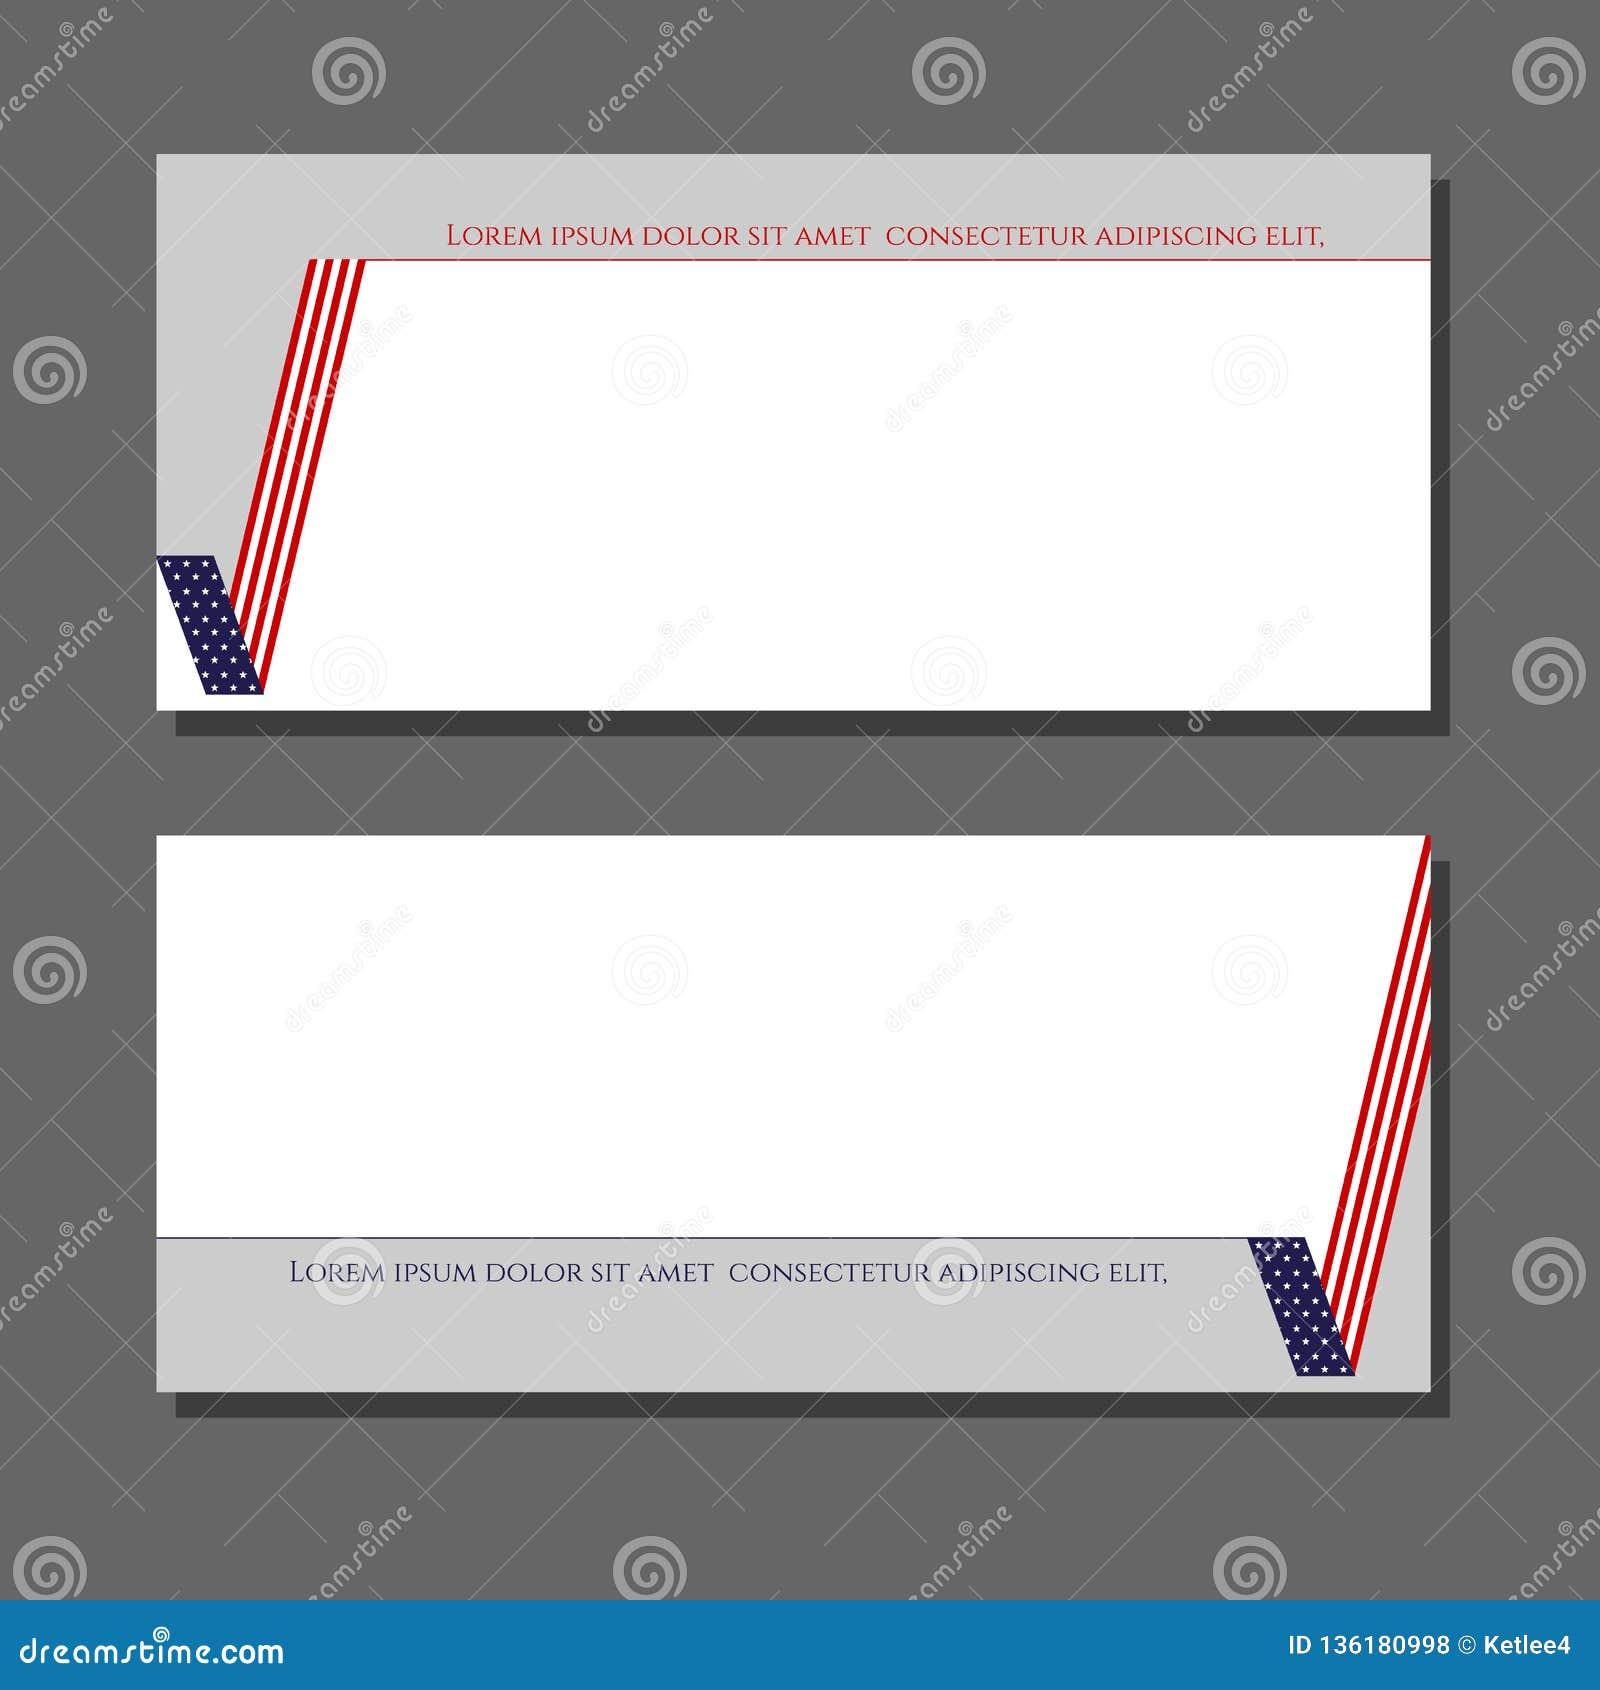 Патриотическая карта контрольной пометки проверки сведений с элементом дизайна американского флага для брошюр знамен карт планов